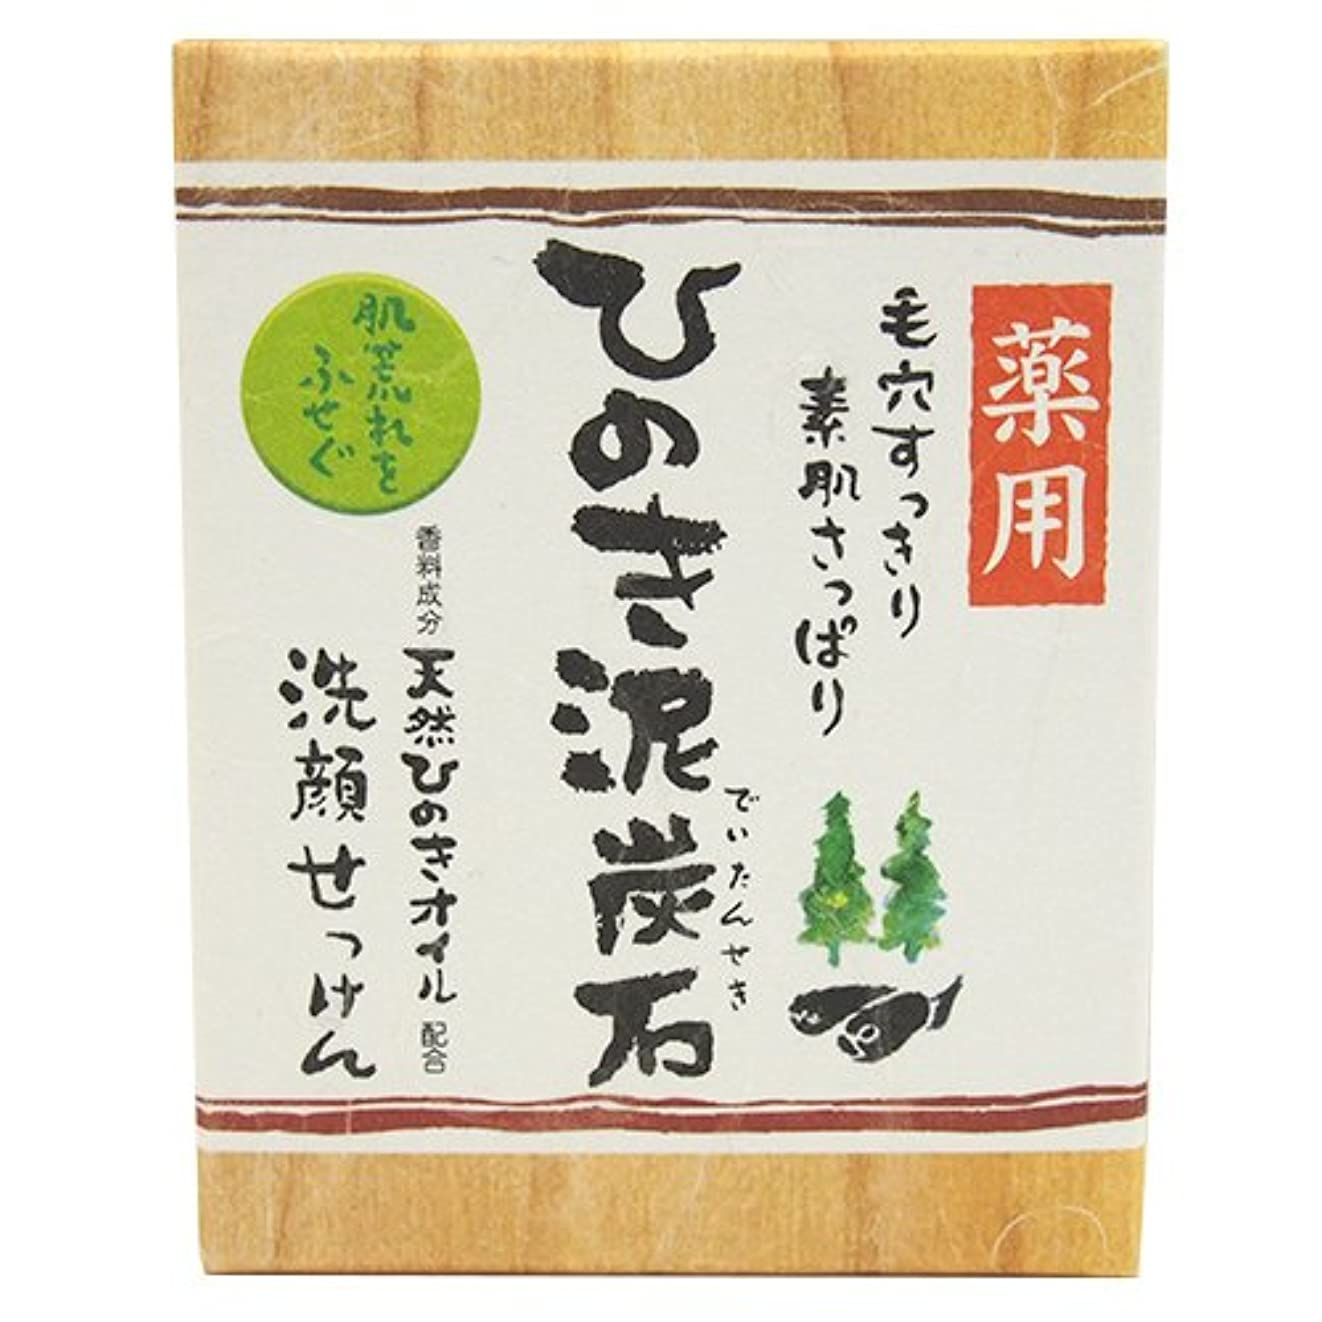 端末さまようカートン東京宝 薬用ひのき泥炭石 すっきり黒タイプ 洗顔石鹸 75g